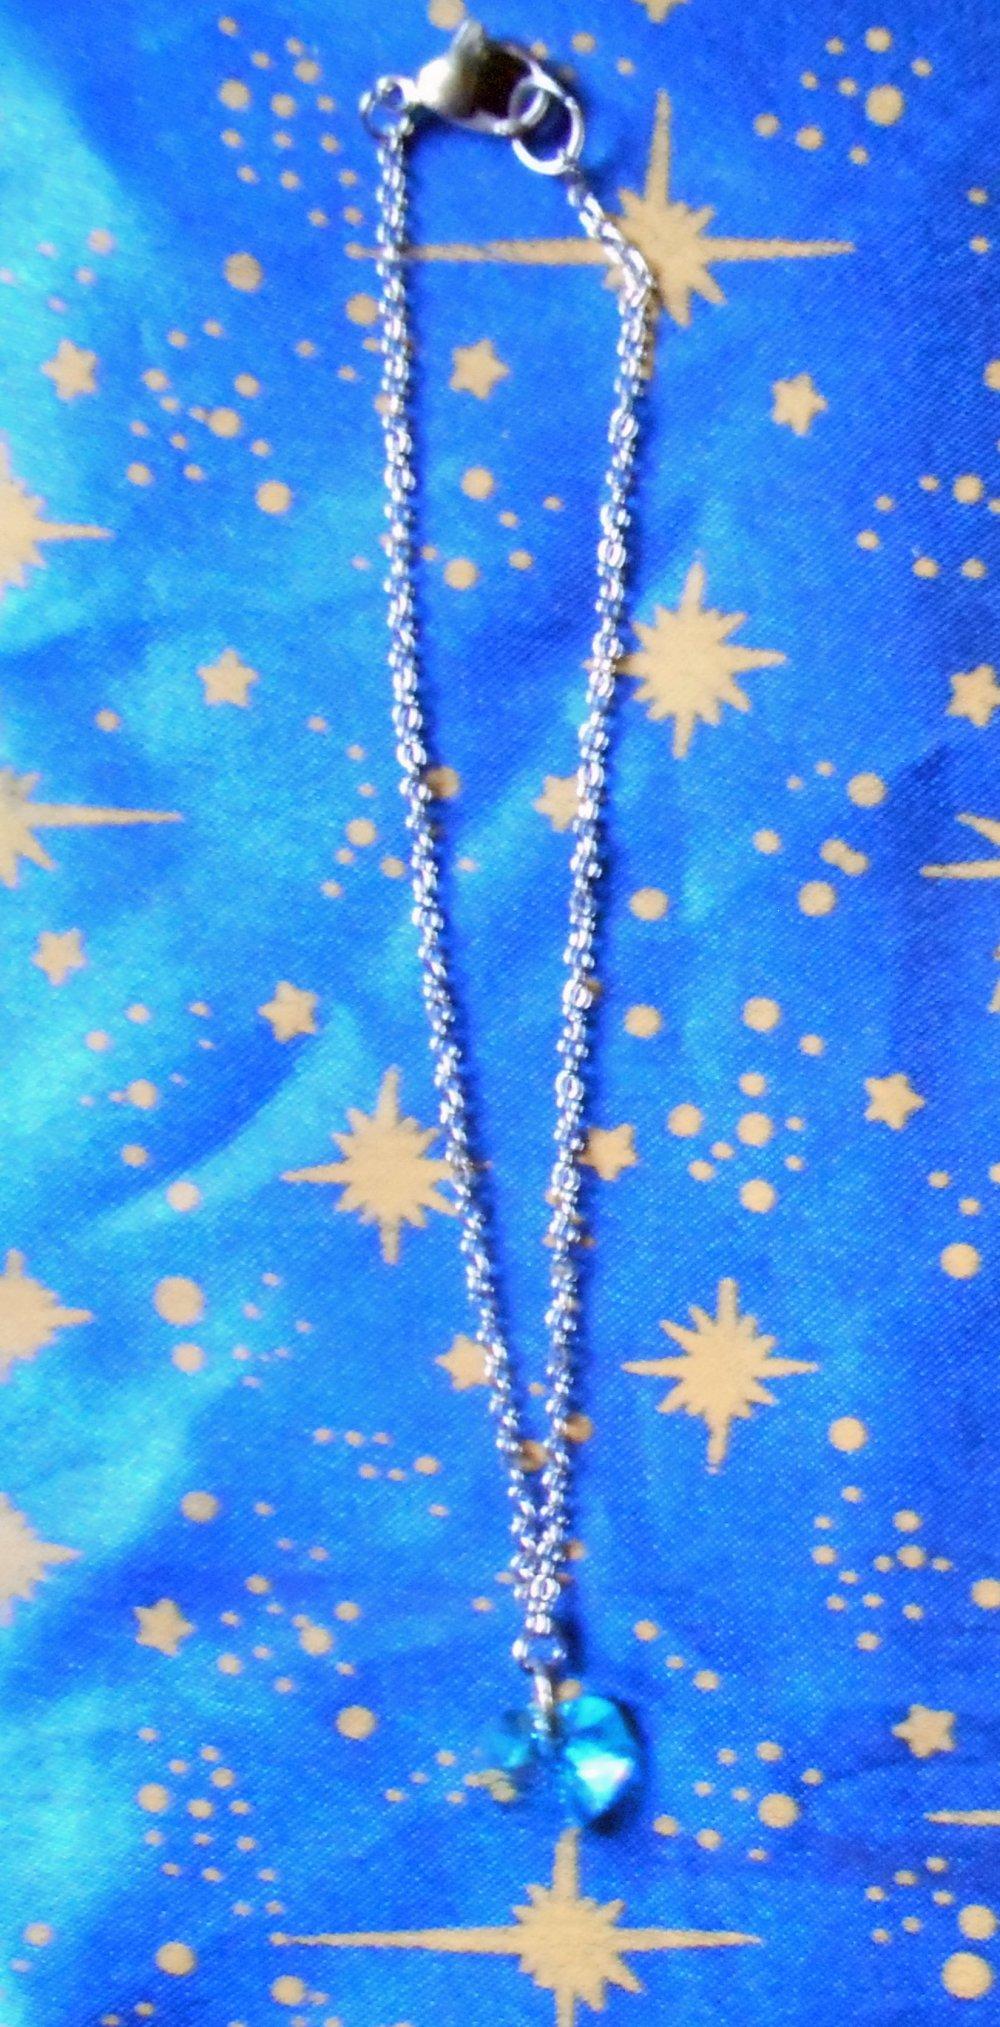 Chaîne de cheville en inox avec cristal de swarovski forme coeur turquoise clair de 10mm.